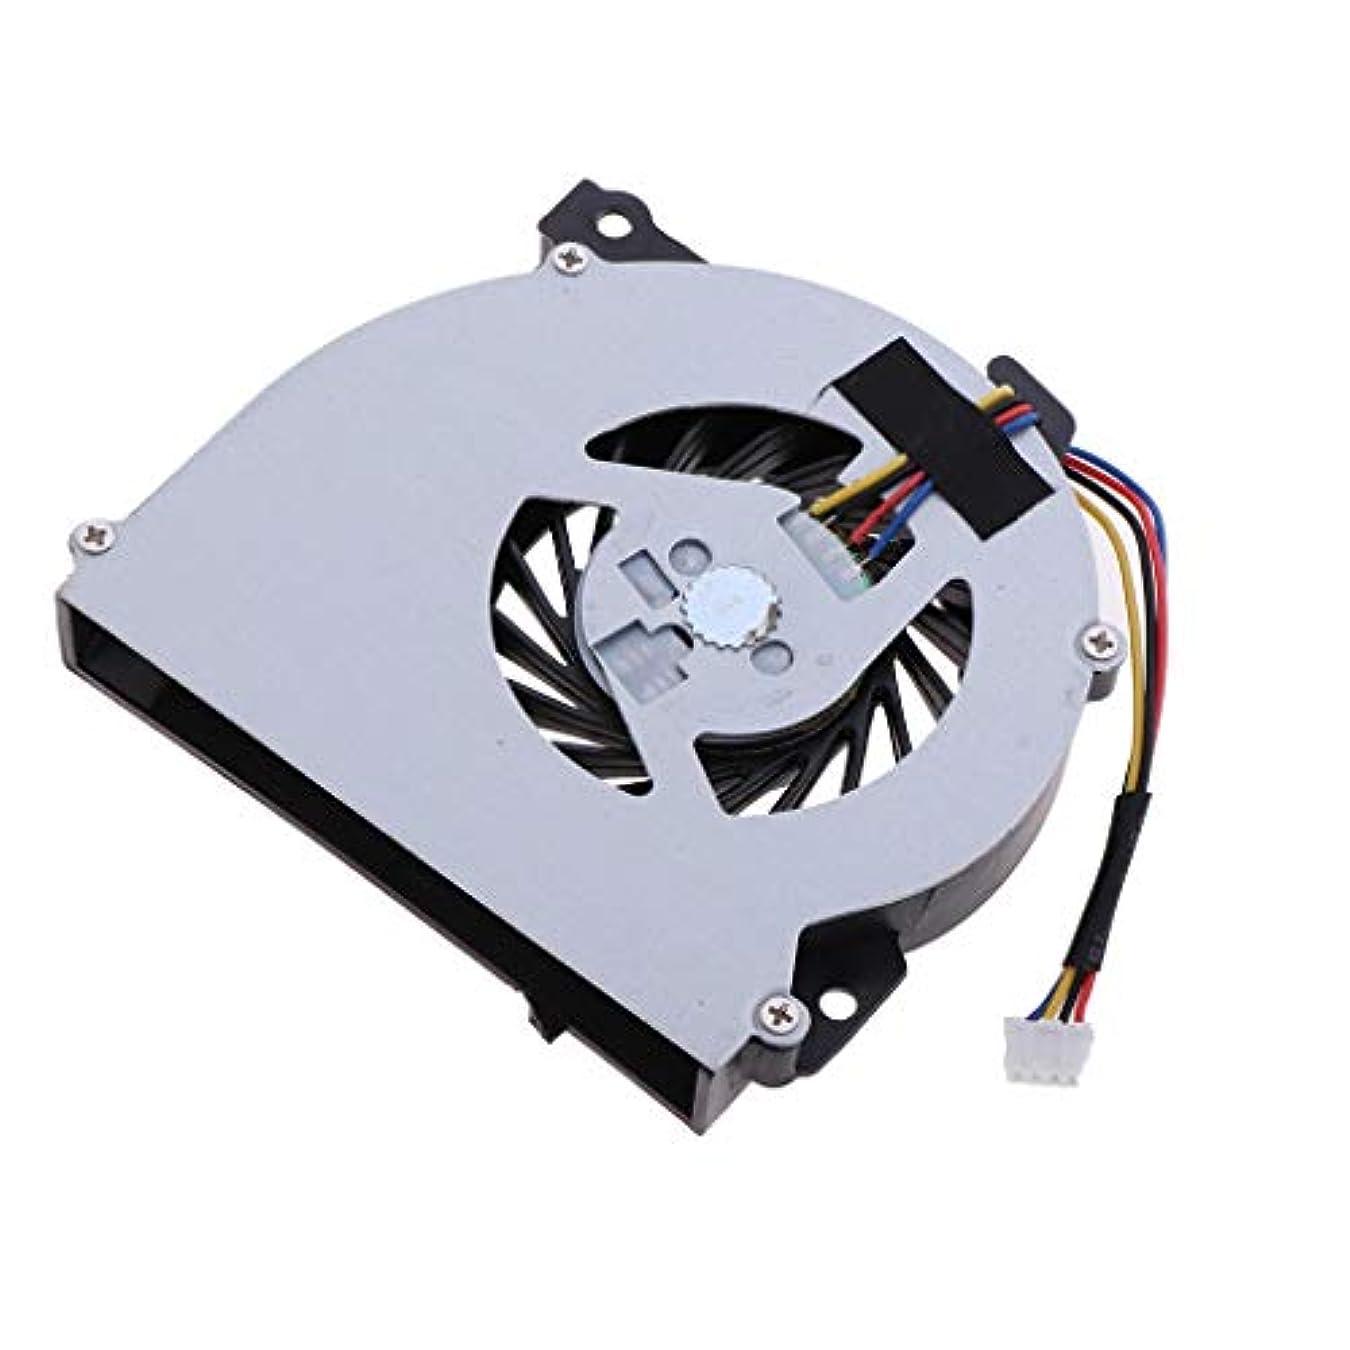 落ち着いて教授テラスHP EliteBook 2560 2560p 2570P 651378-001用 ラップトップCPU冷却ファン PC冷却ファン